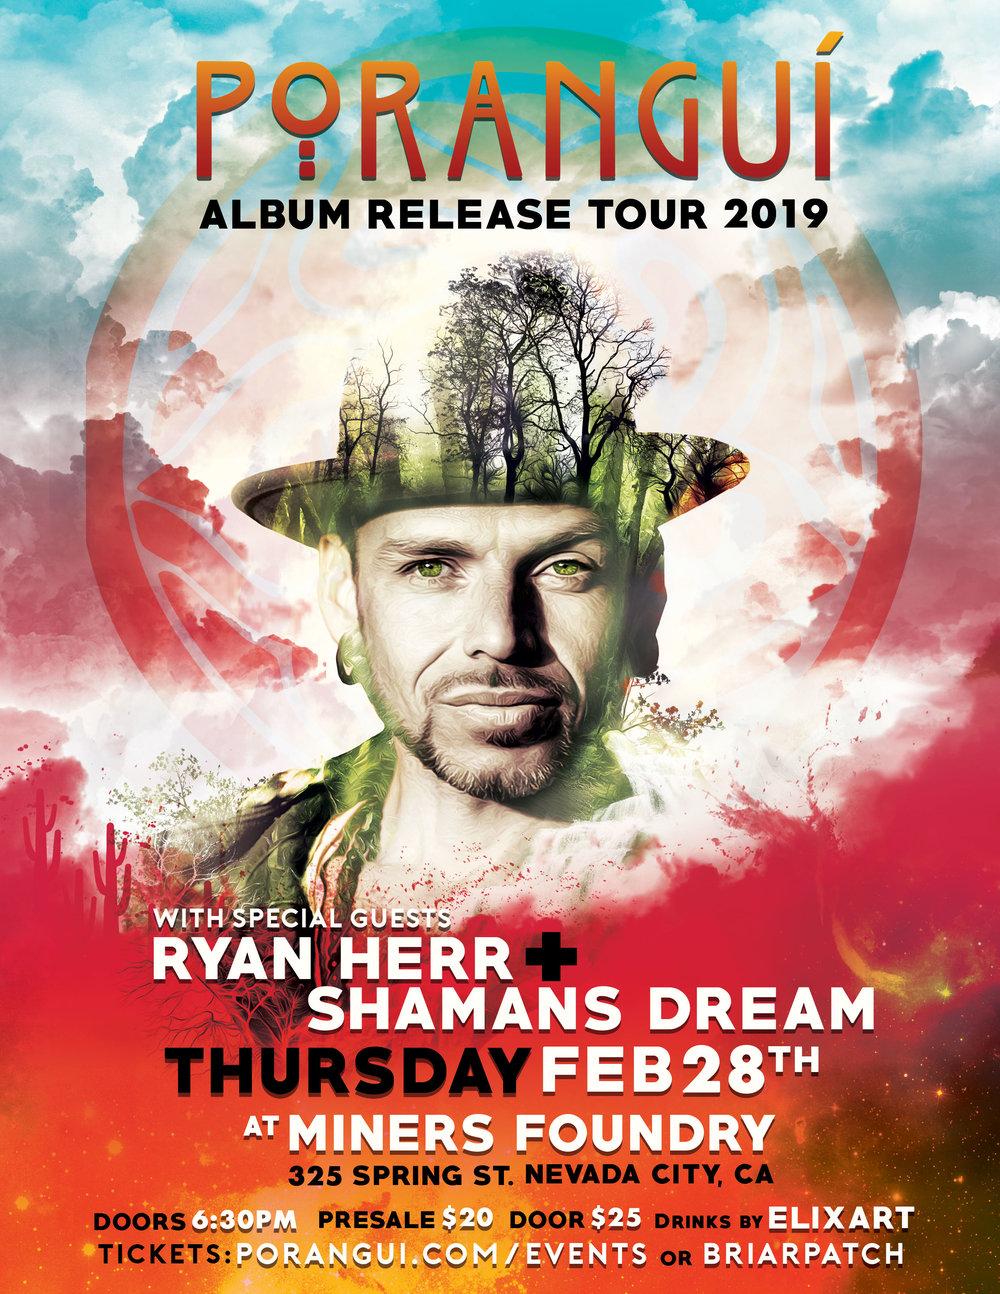 Porangui_Live_Tour_Poster_Nevada_8.5x11_WEB.jpg